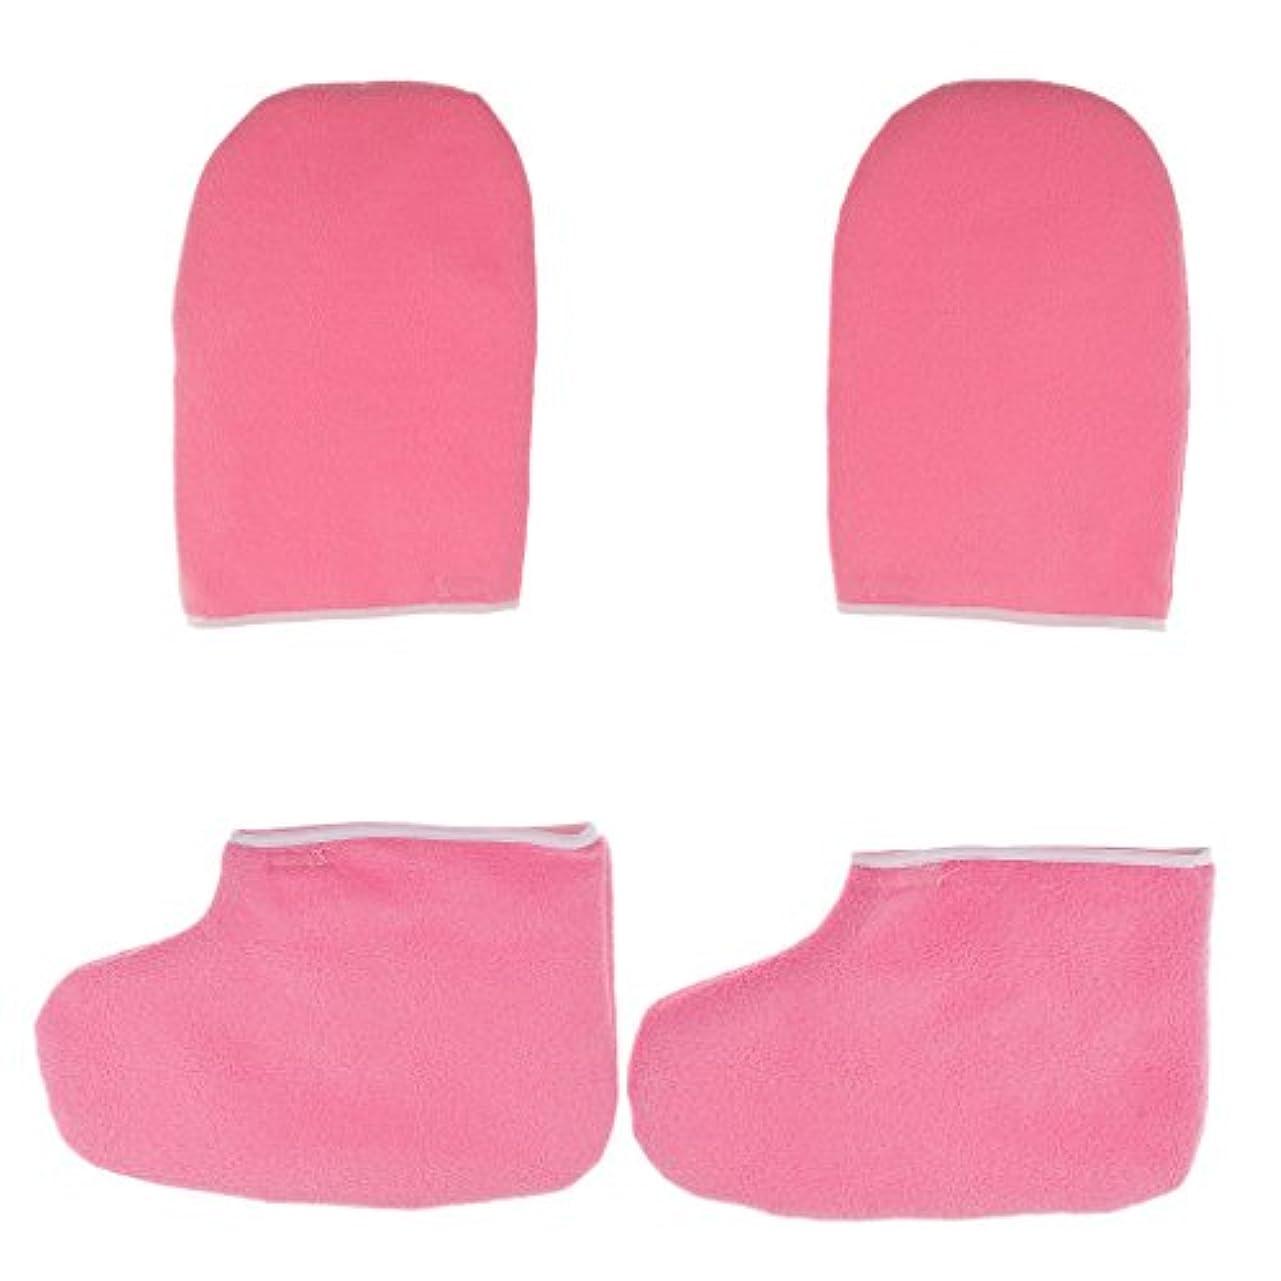 Hellery パラフィンワックスハンドバスグローブソックスハンドフットケア剥離デッドハードスキン - ピンク